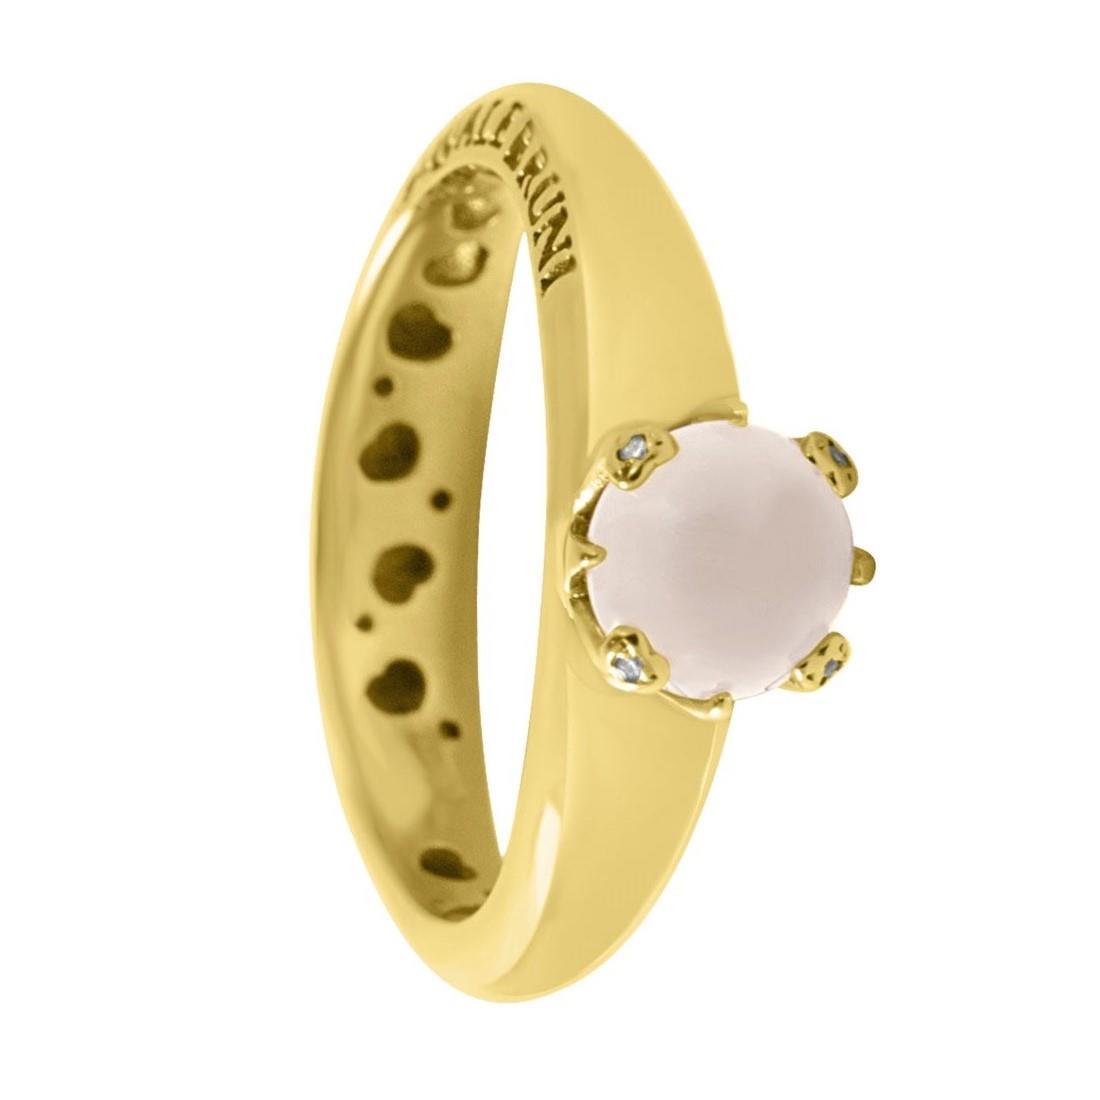 Anello in oro rosa con quarzo bianco e diamanti ct 0.01, misura 14 - PASQUALE BRUNI